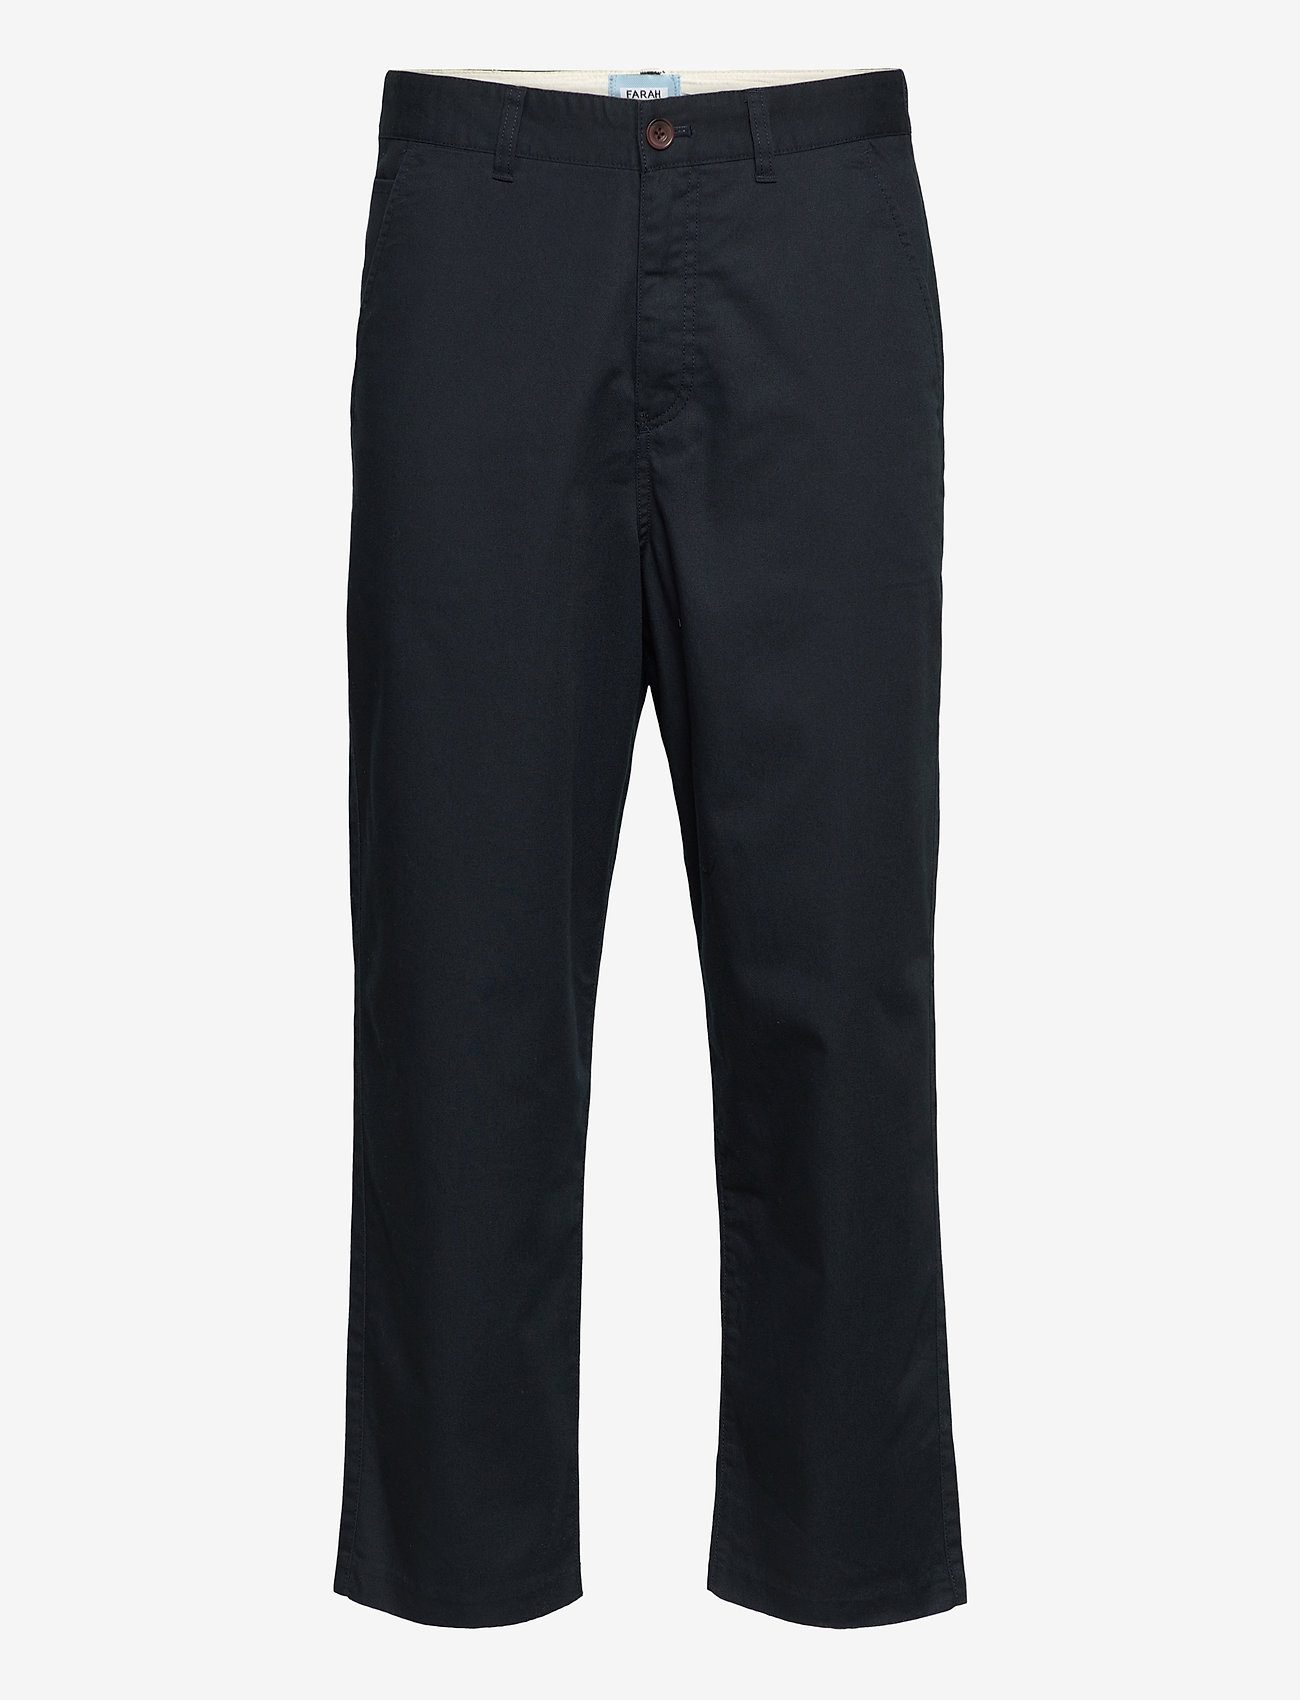 Farah - HAWTIN TWILL TROUSERS - pantalons décontractés - true navy - 0